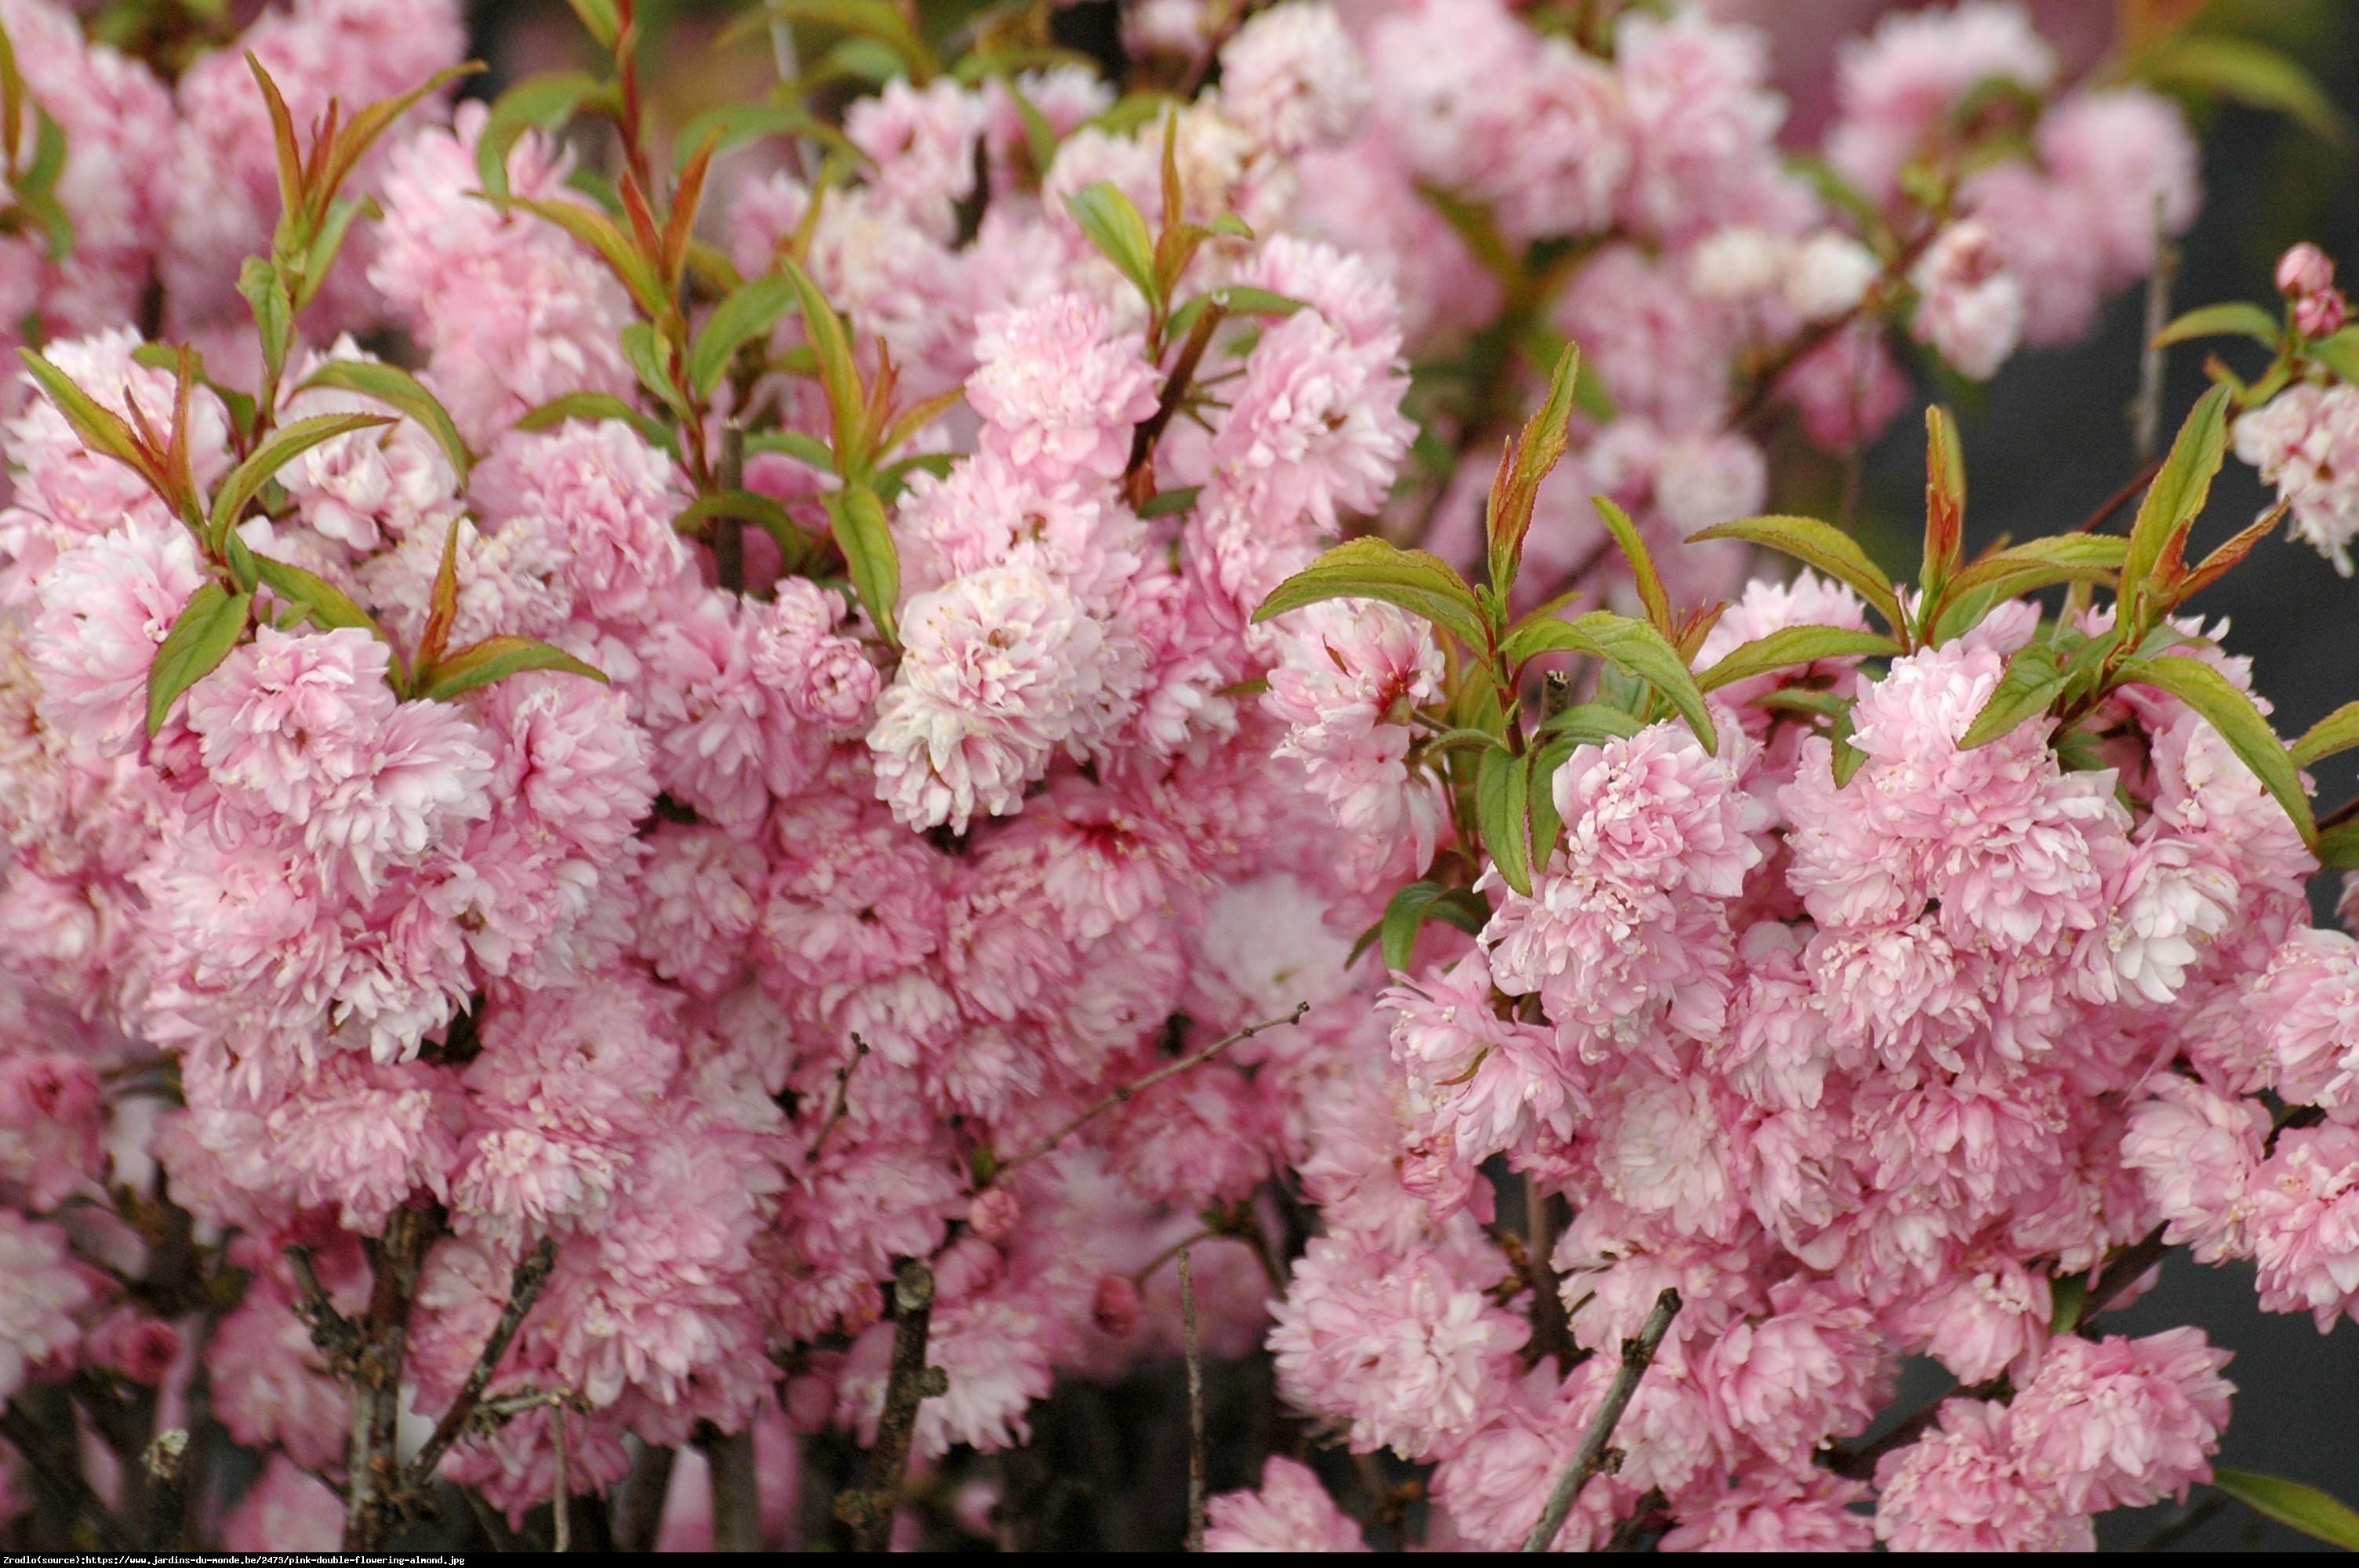 Wiśnia gruczołkowata Rosea Plena - Prunus glandulosa Rosea Plena